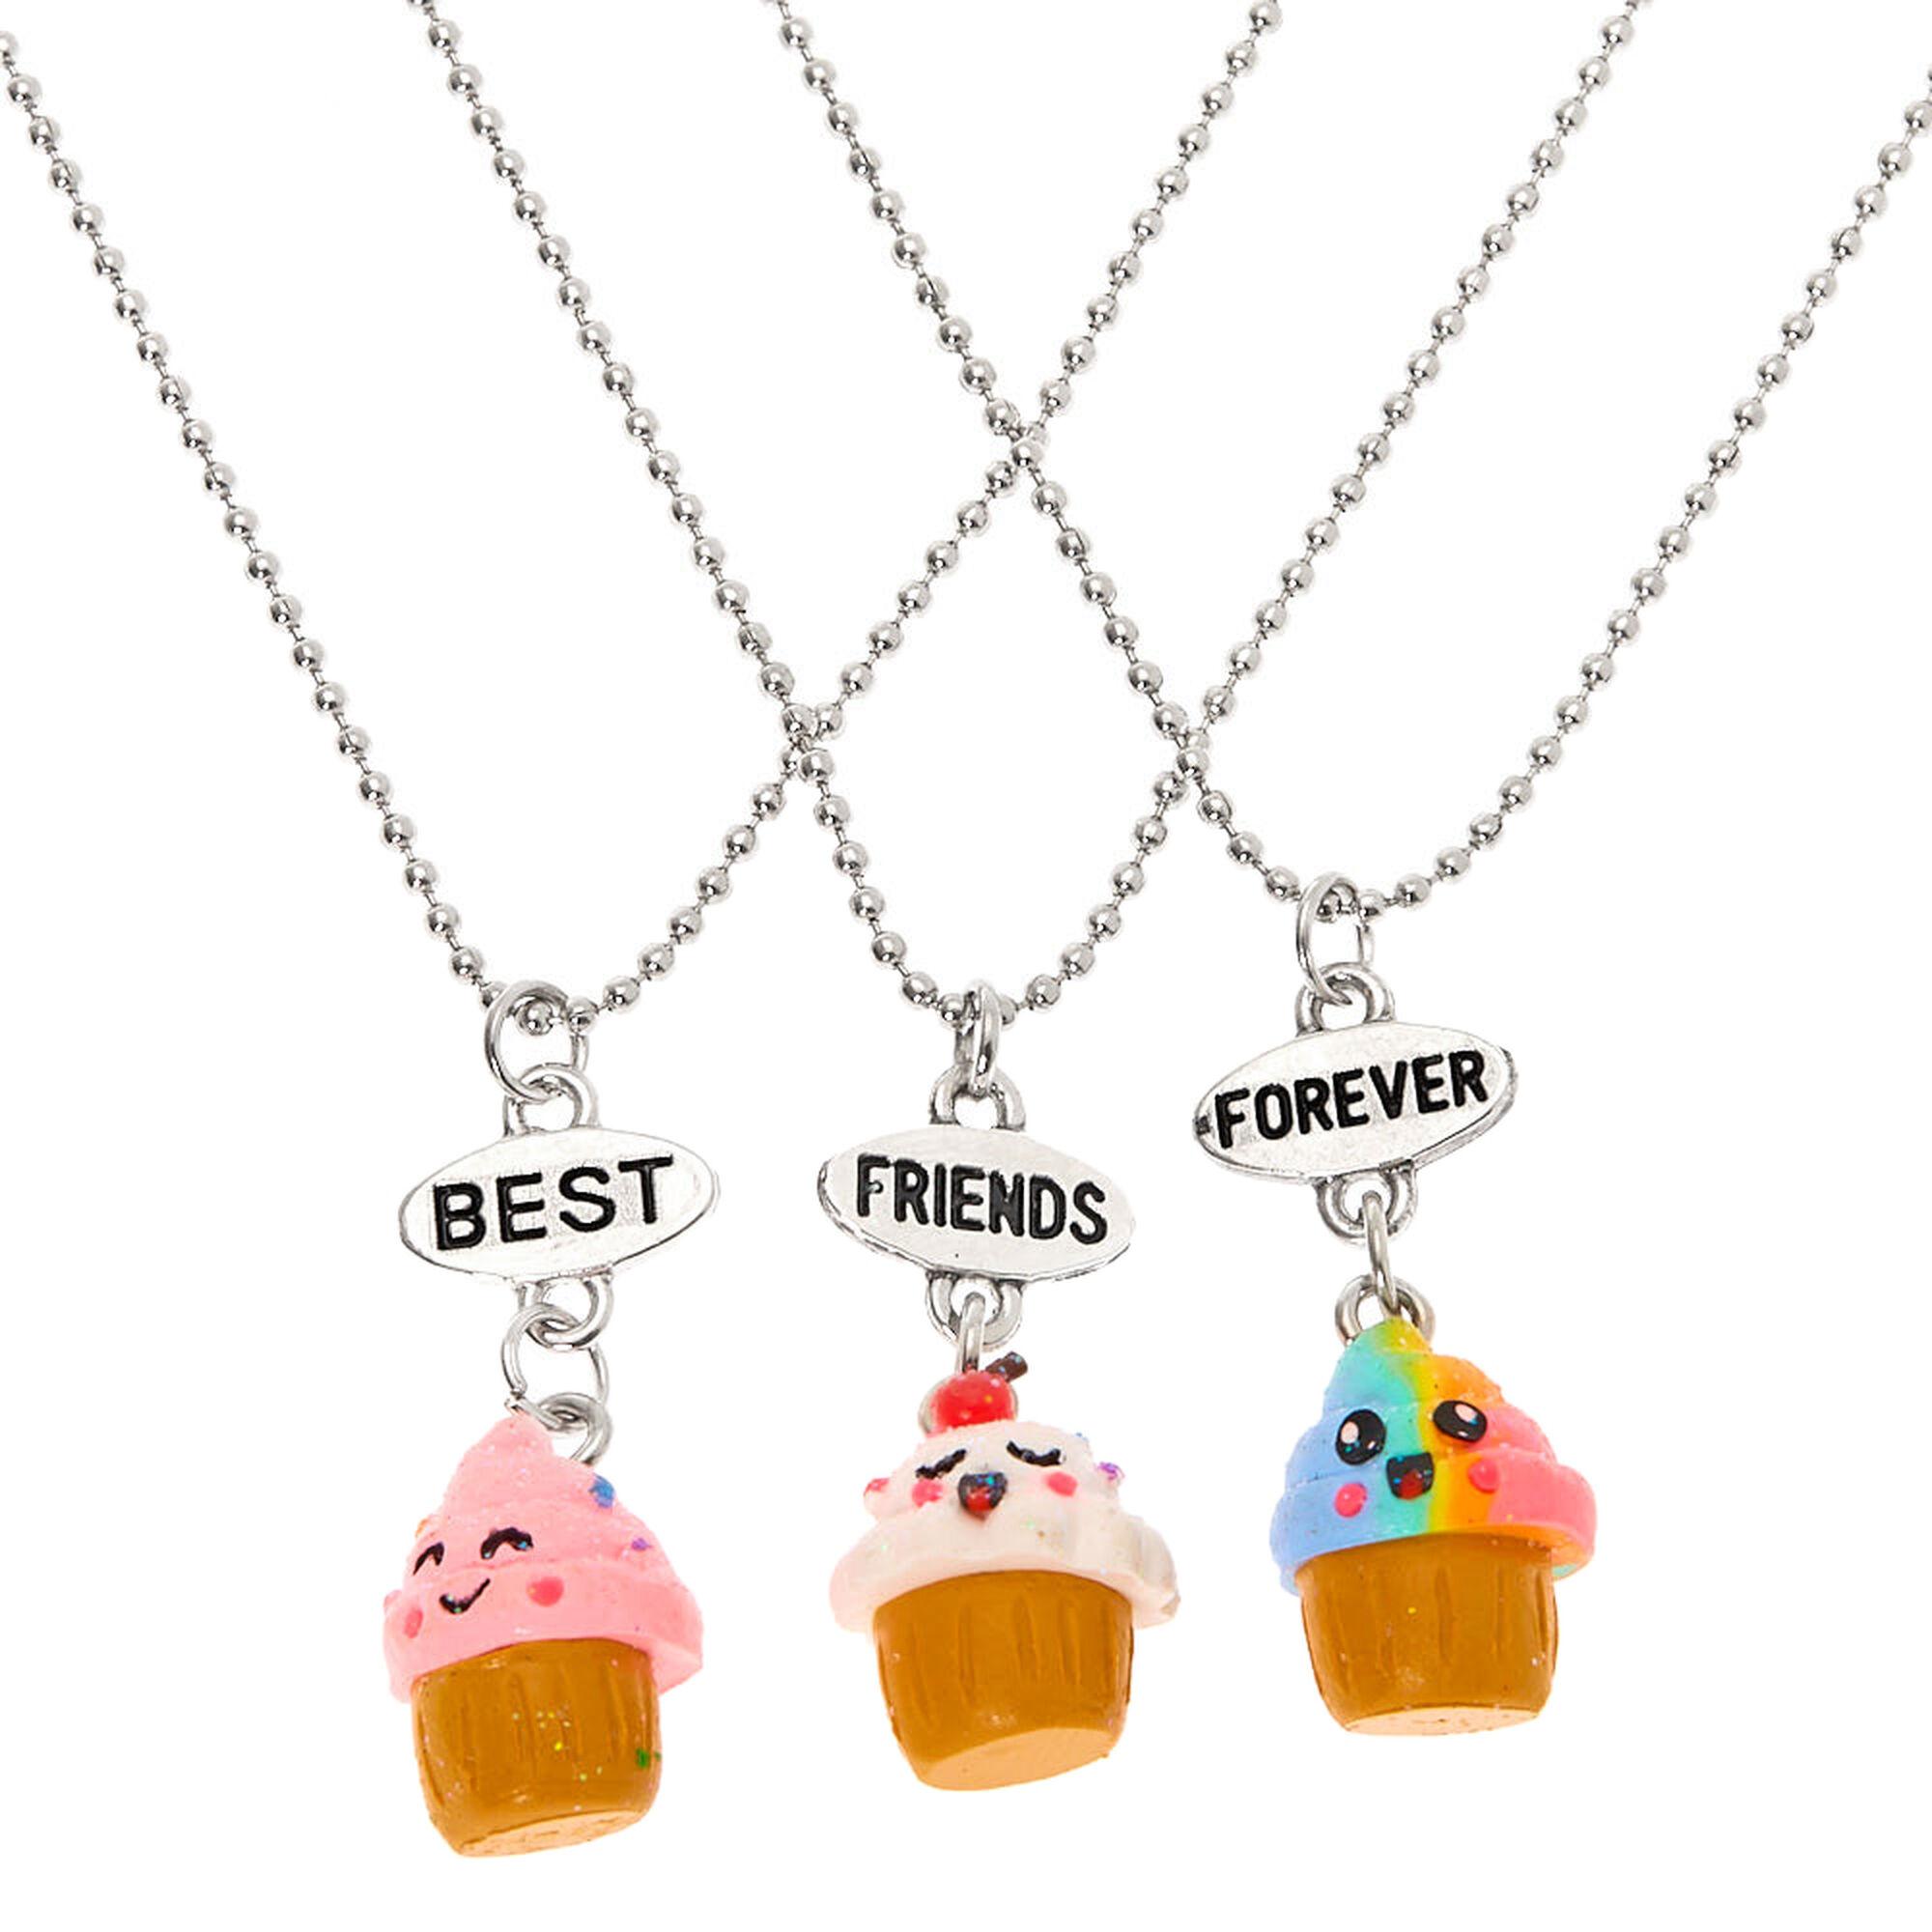 Best Friends Cupcake Pendant Necklaces